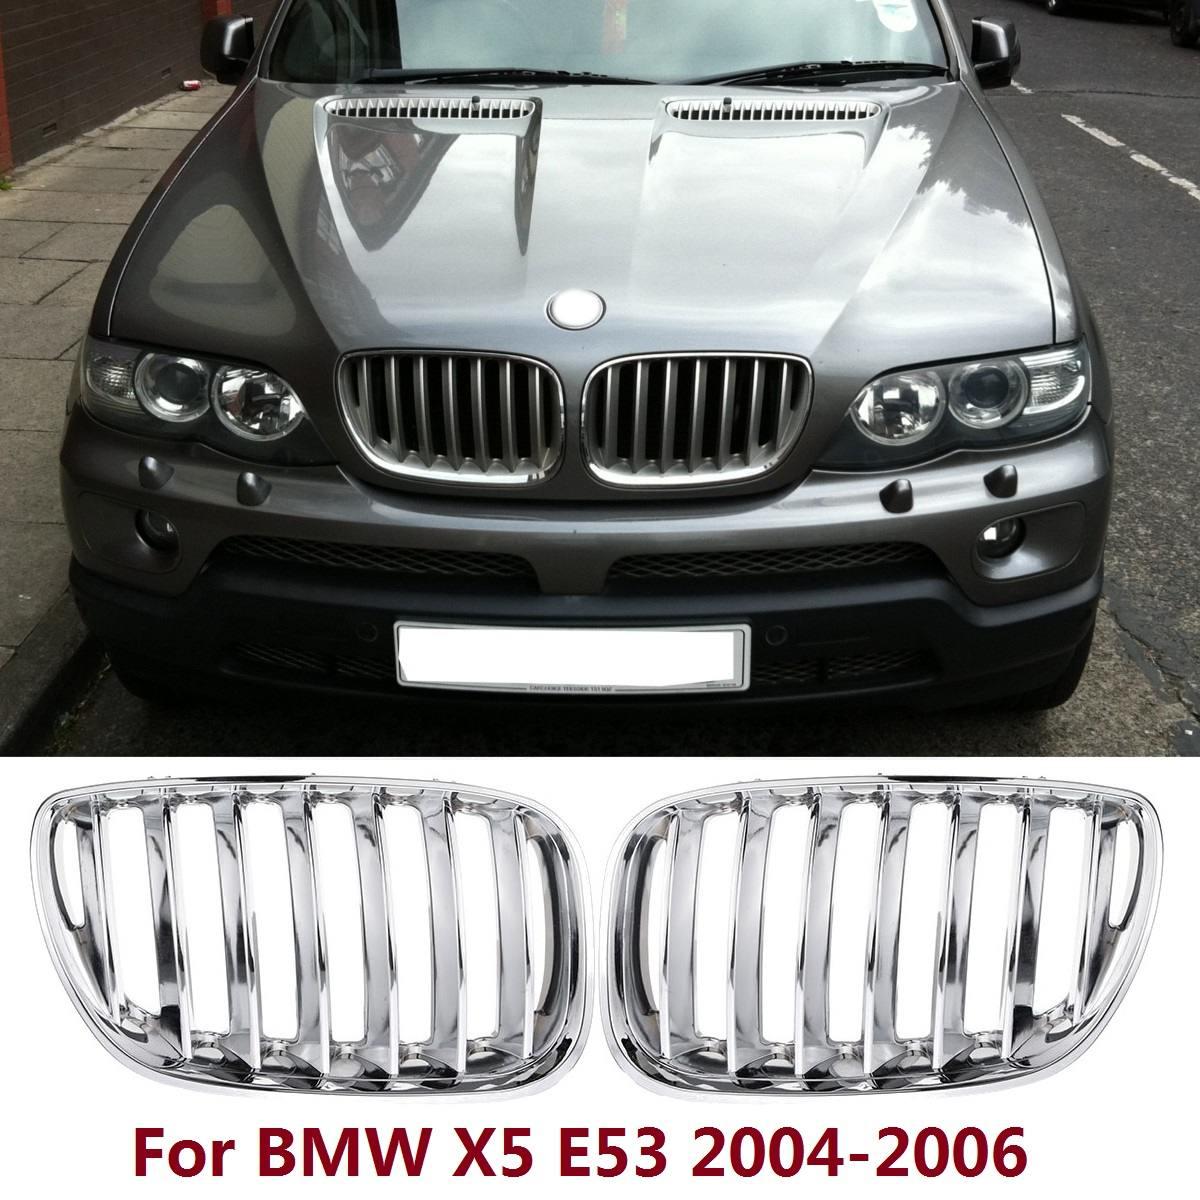 Paire de grilles de reins de capot avant chromé pour BMW X5 E53 2004 2005 2006 calandre de pare-chocs avant style de voiture